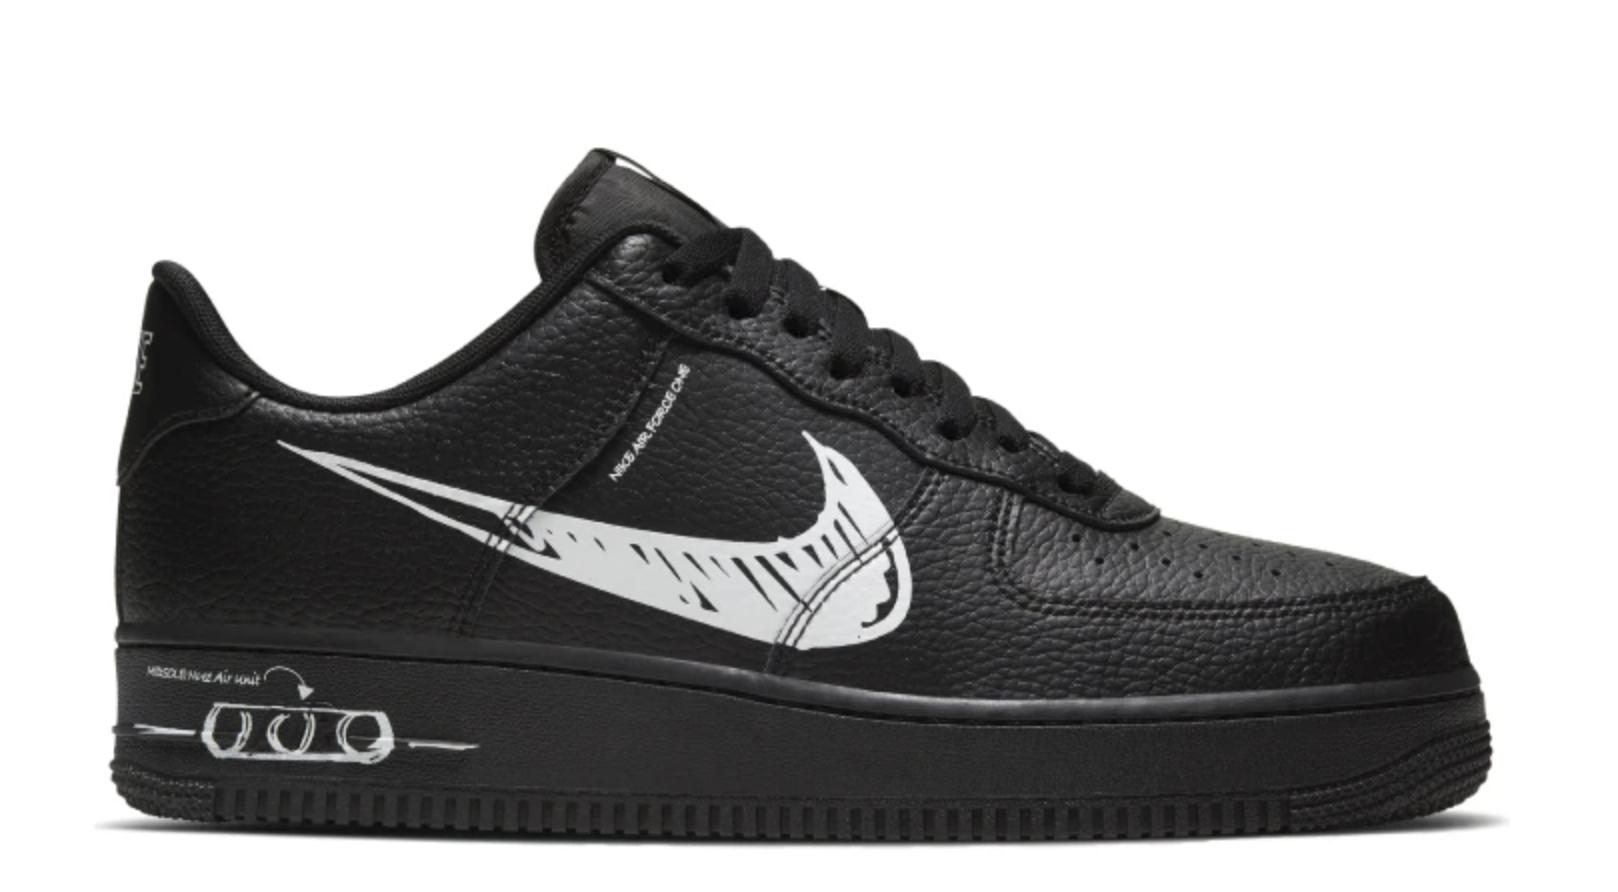 Nike Air Force 1 Low Sketch Black